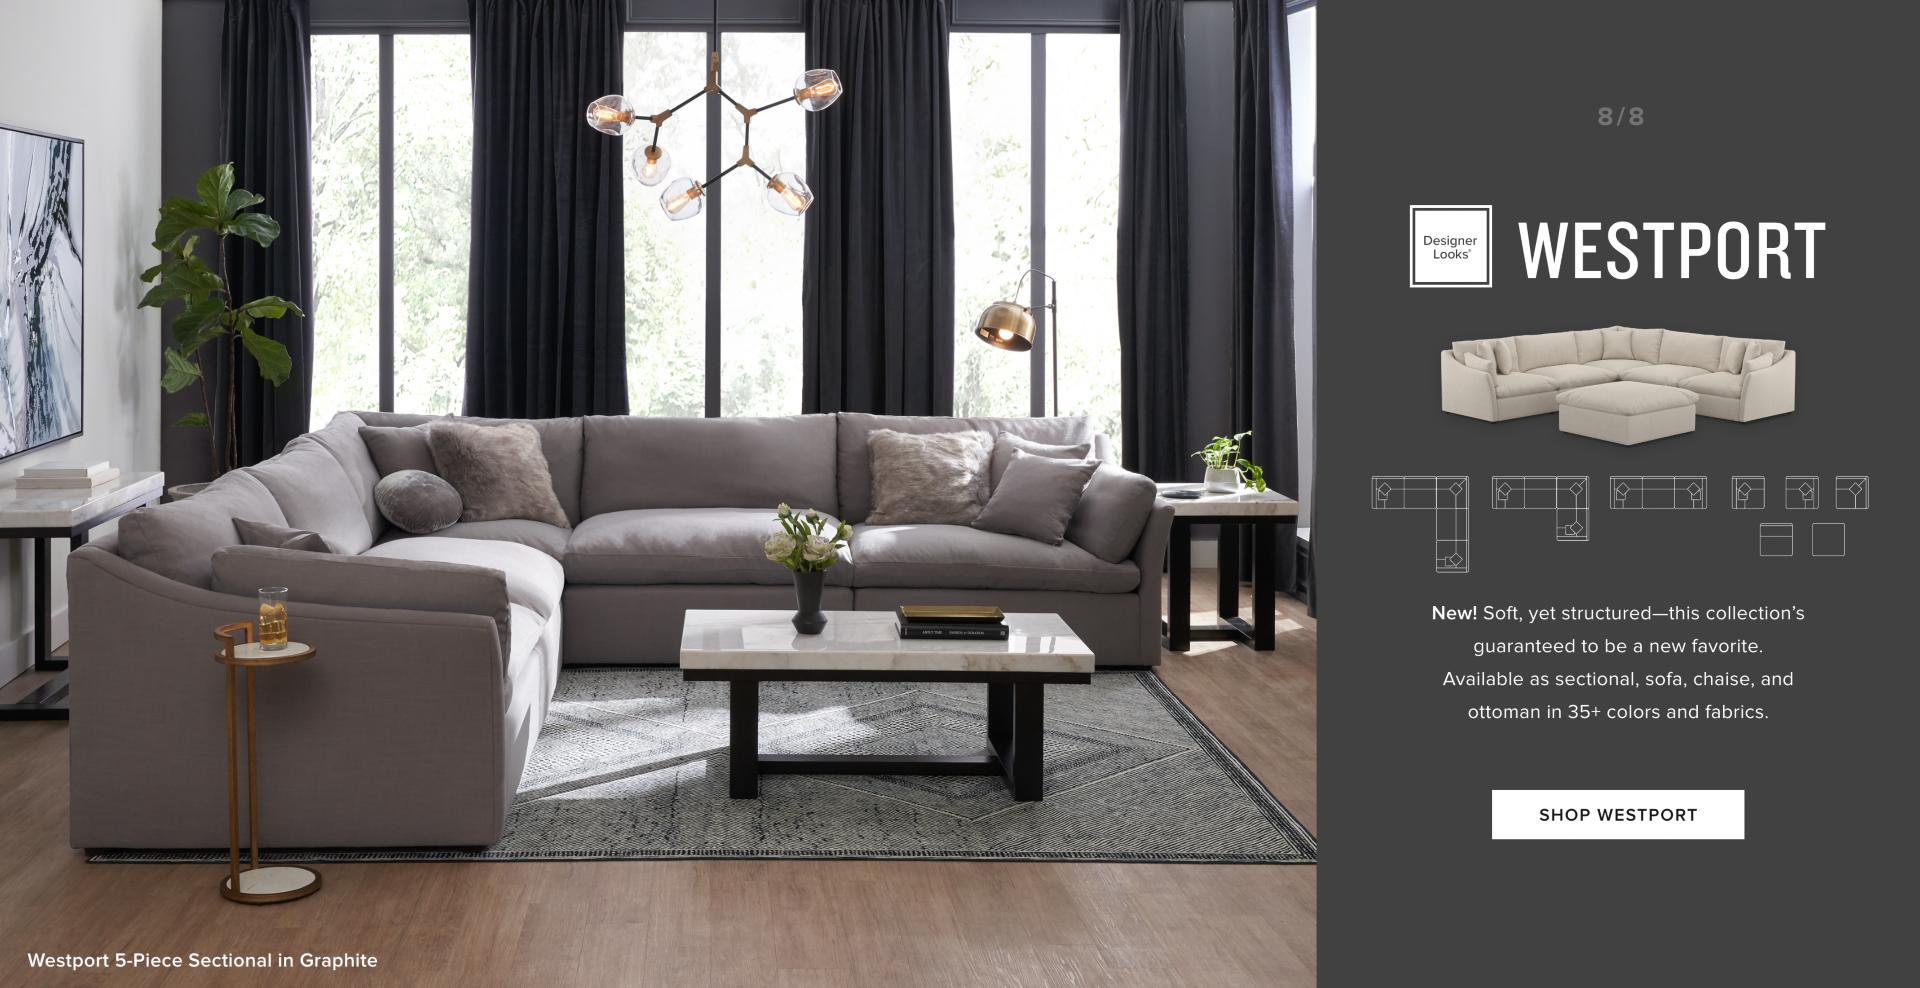 Make It You - Custom Westport Furniture